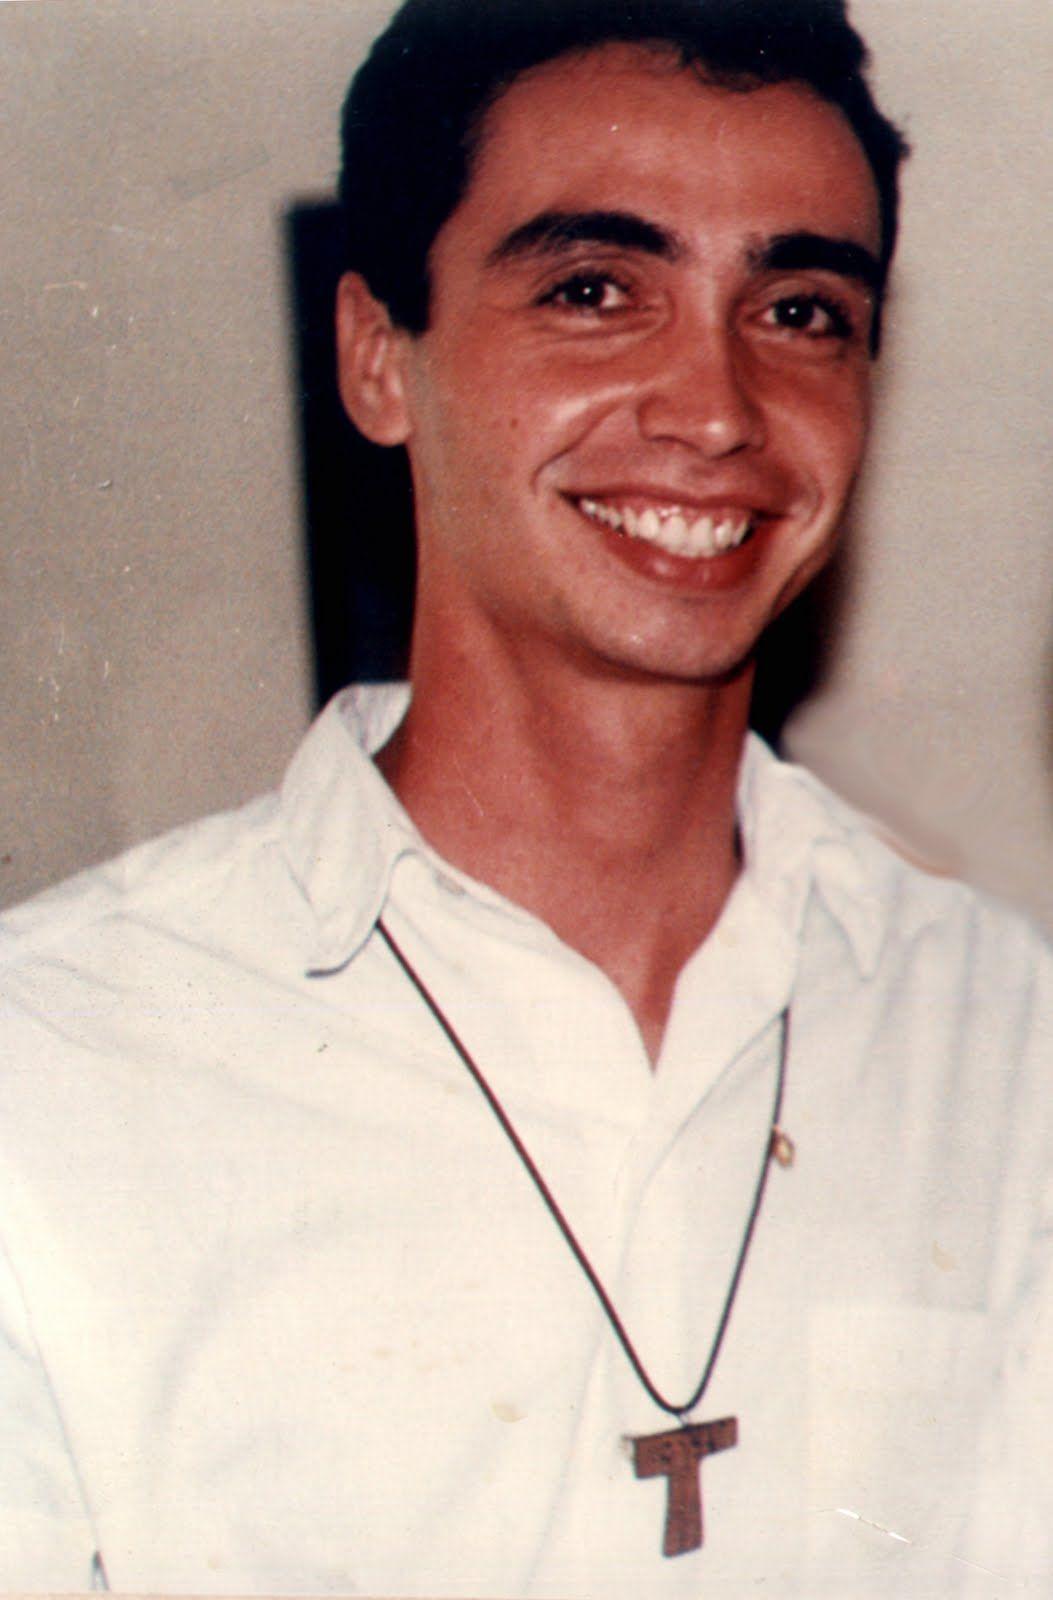 62b64400c91a5 Pin de Gaby Espinoza Arteaga em Ronaldo Pereira